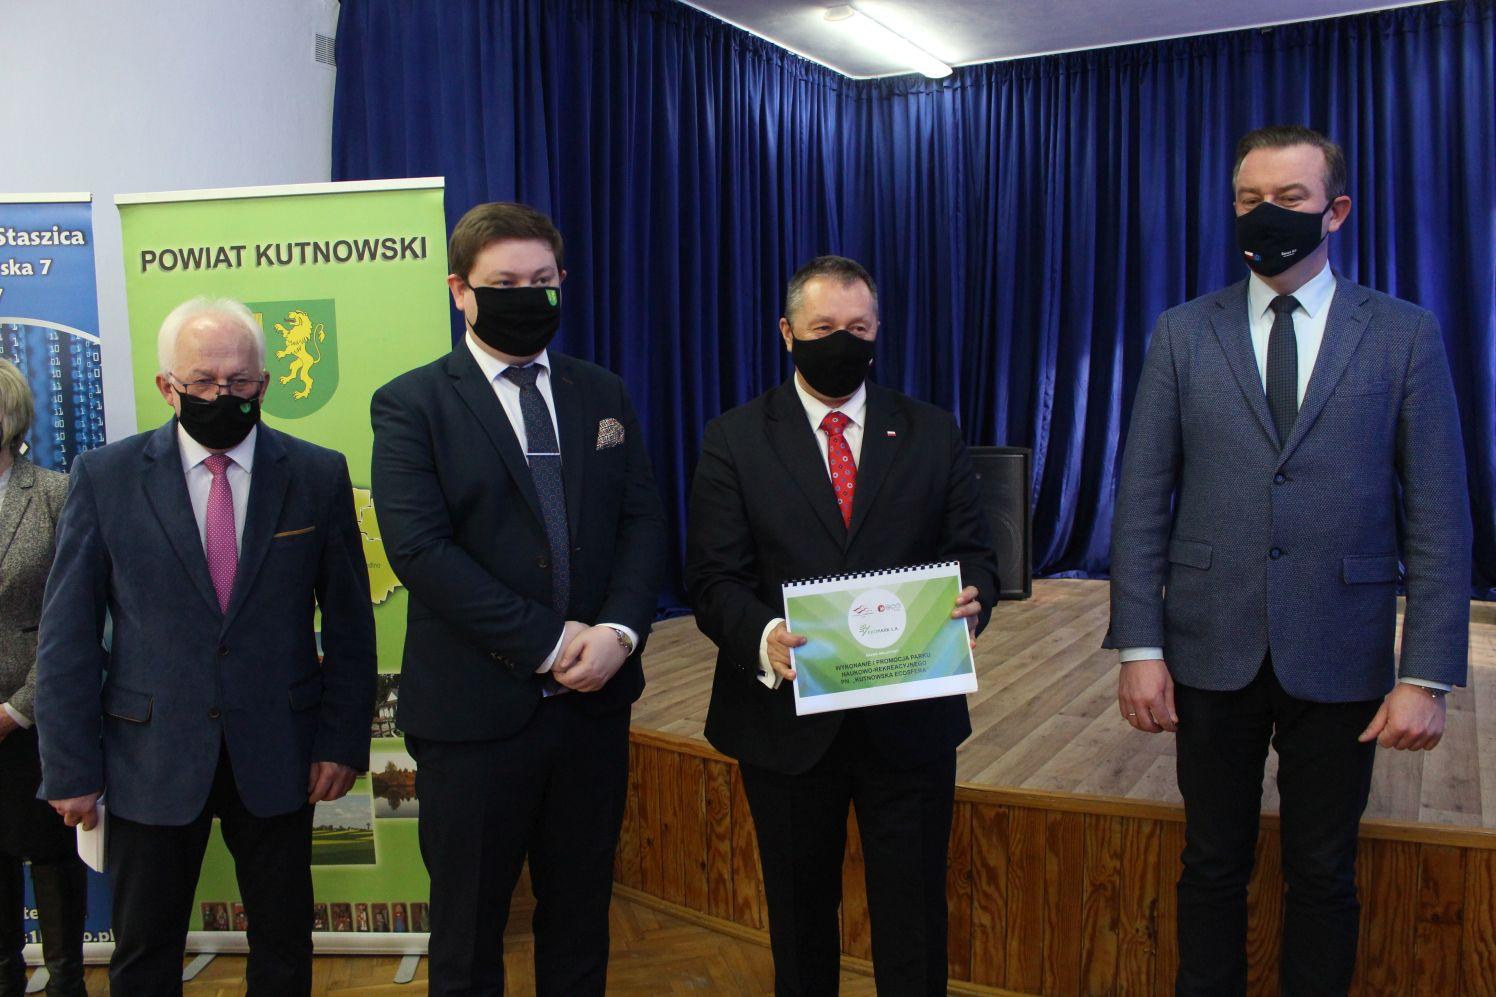 [FOTO] Konferencja starosty i kuratora oświaty. W Kutnie powstanie park za 20 milionów złotych? - Zdjęcie główne